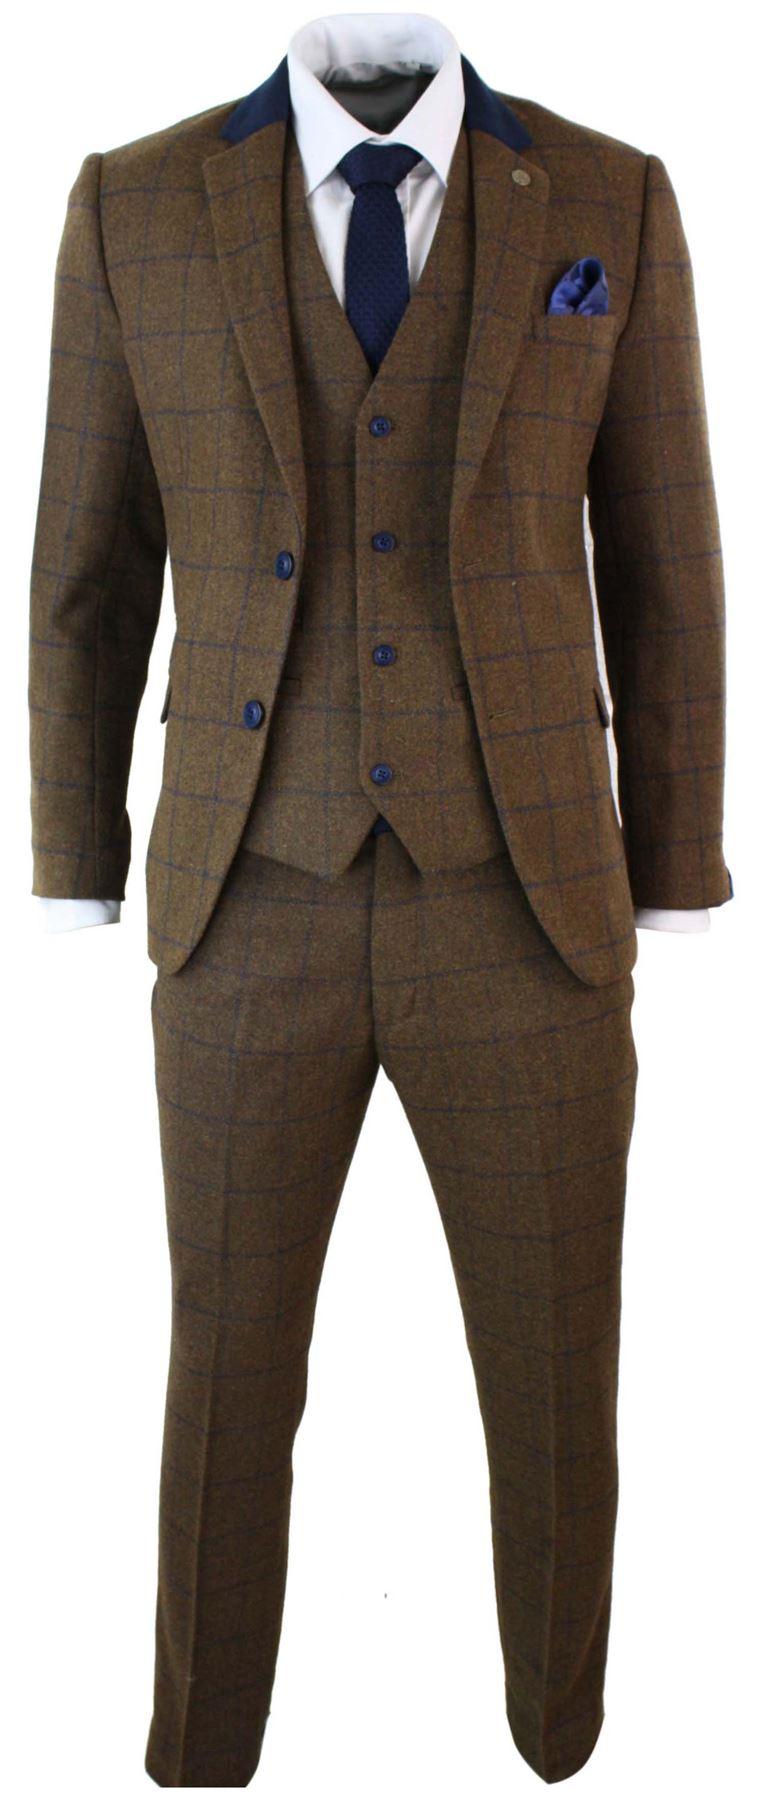 costume 3 pi ces homme tweed marron carreaux bleu marine vintage ajust chic ebay. Black Bedroom Furniture Sets. Home Design Ideas